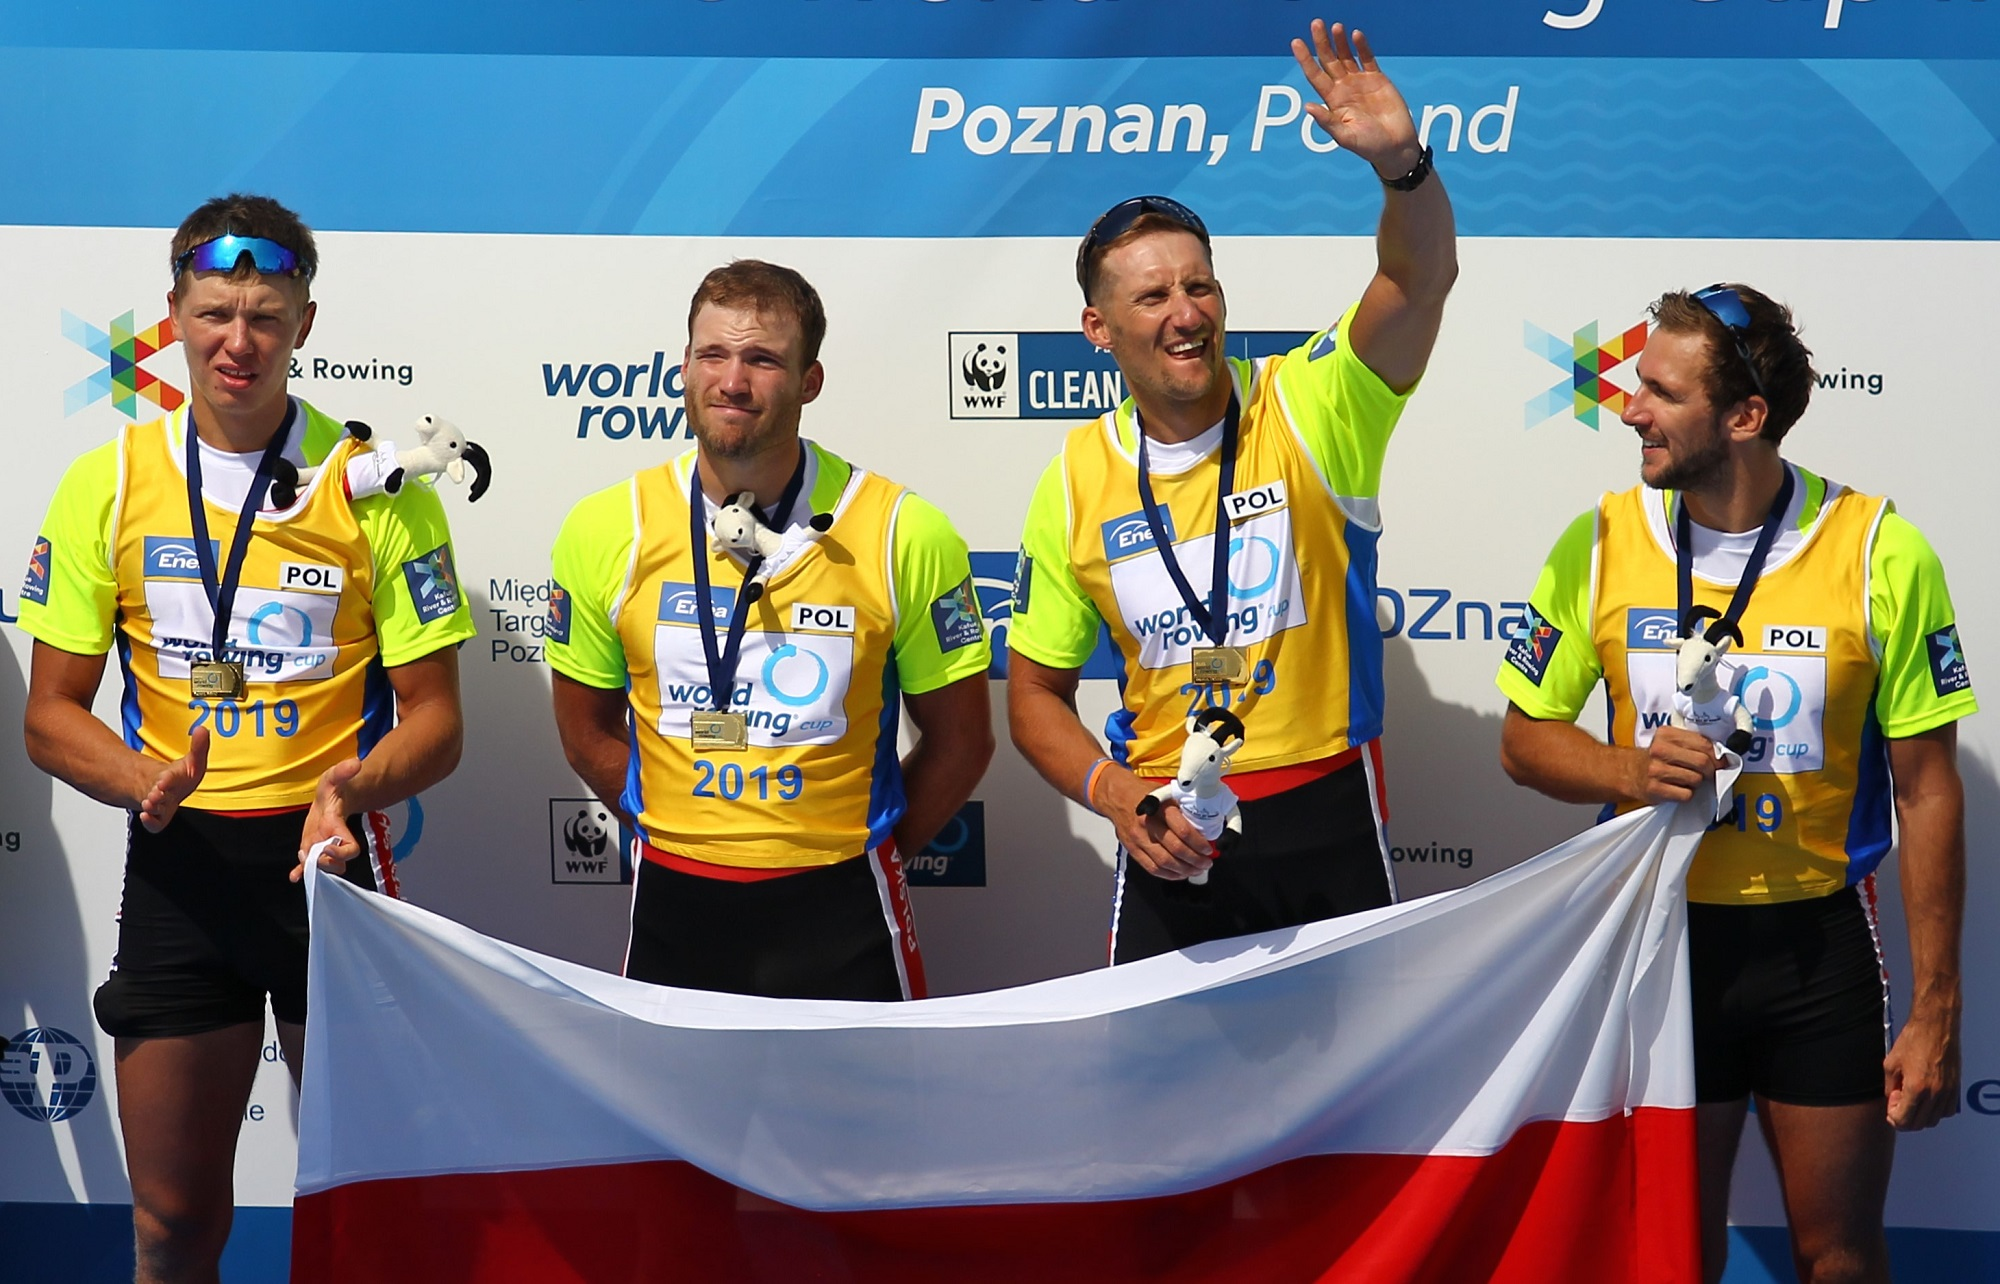 Wioslarstwo. Fabian Baranski, Szymon Posnik, Wiktor Chabel, Dominik Czaja